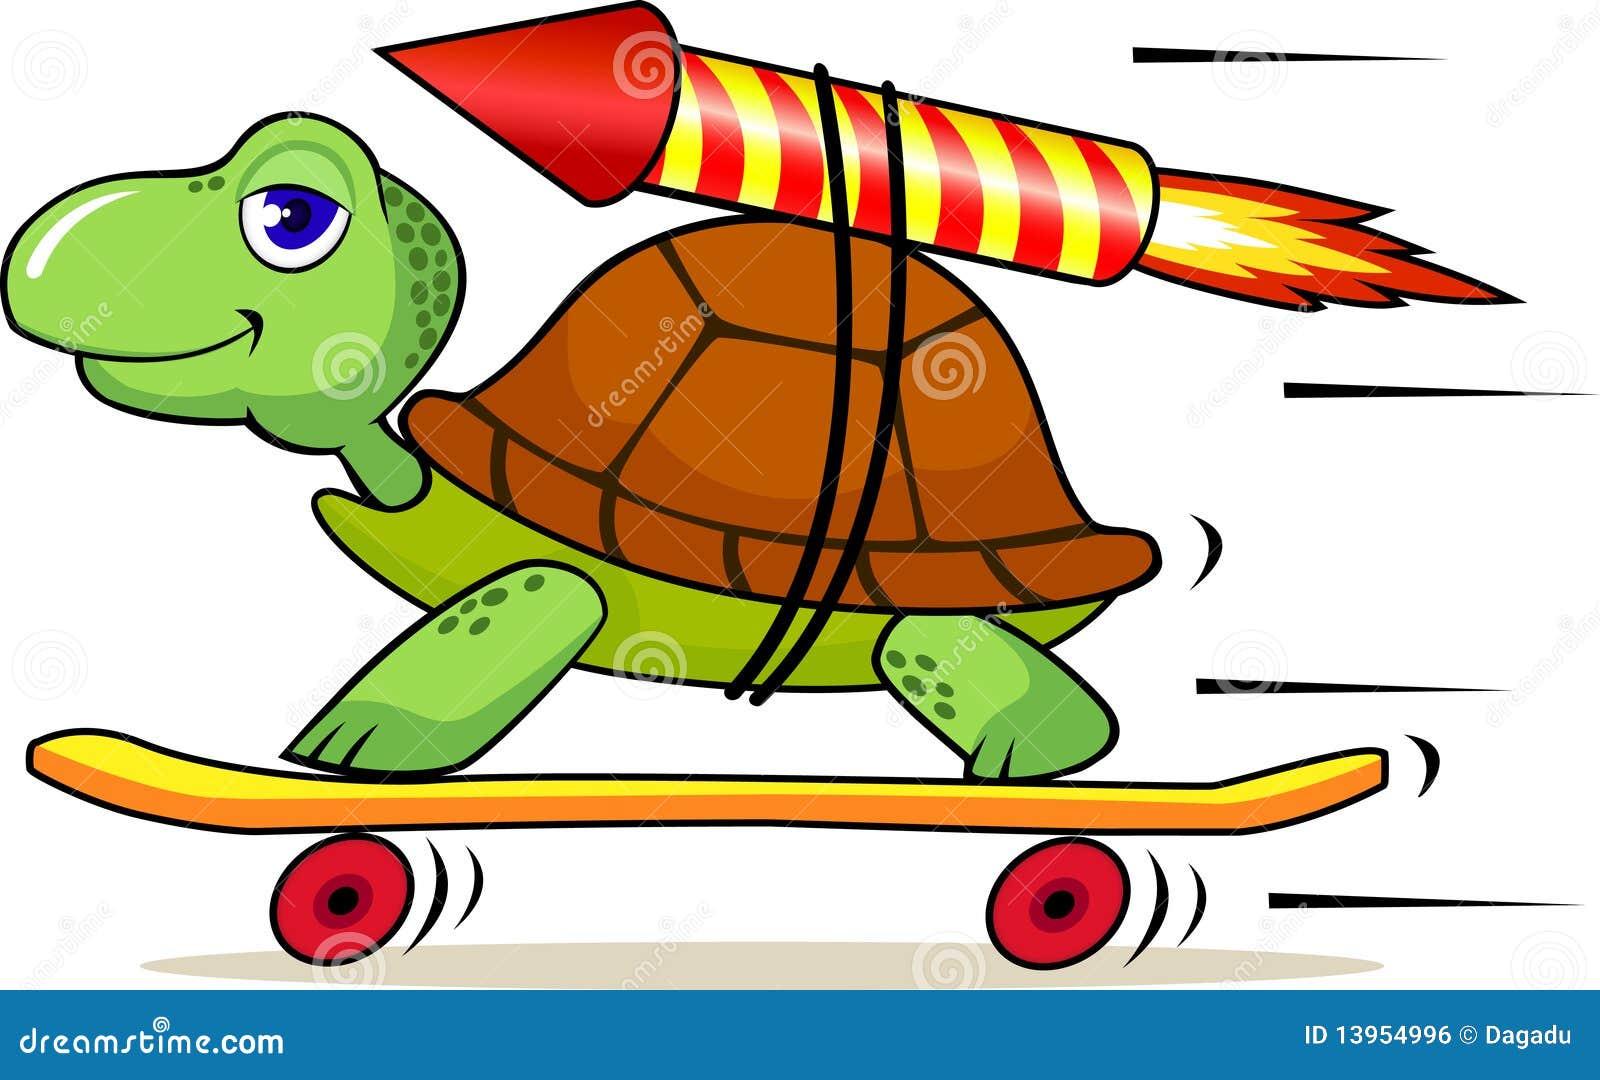 Fast Turtle